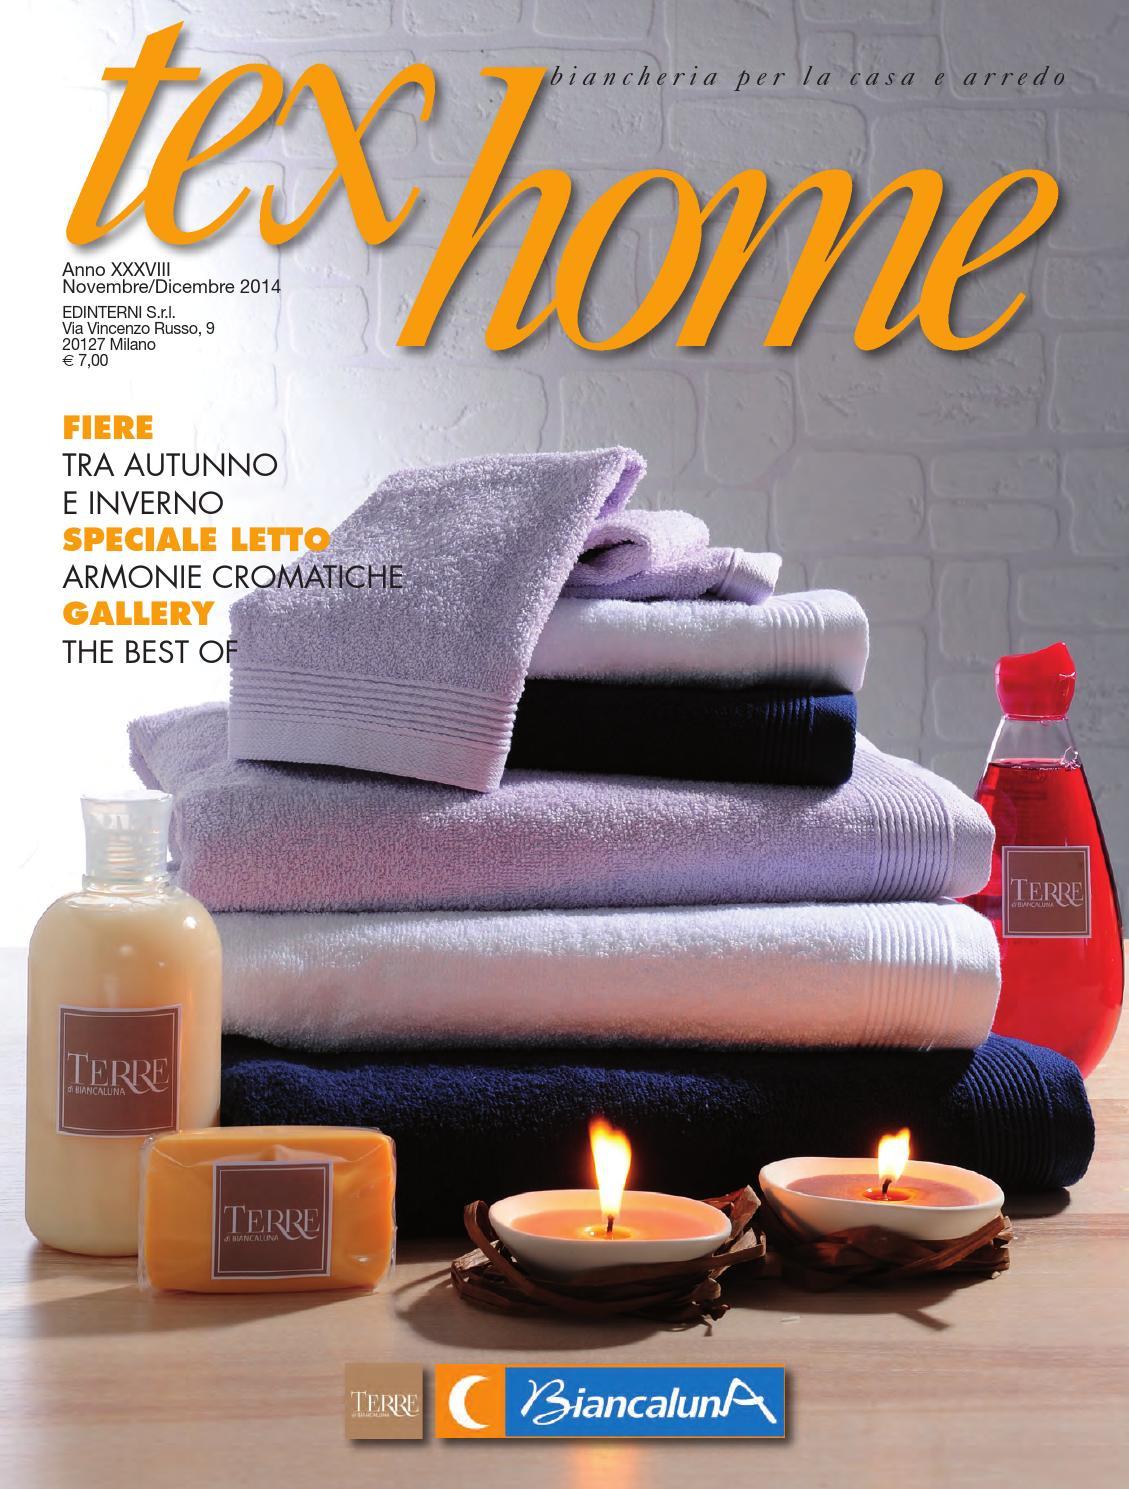 Tex home Novembre-Dicembre 2014 by edinterni srl - issuu